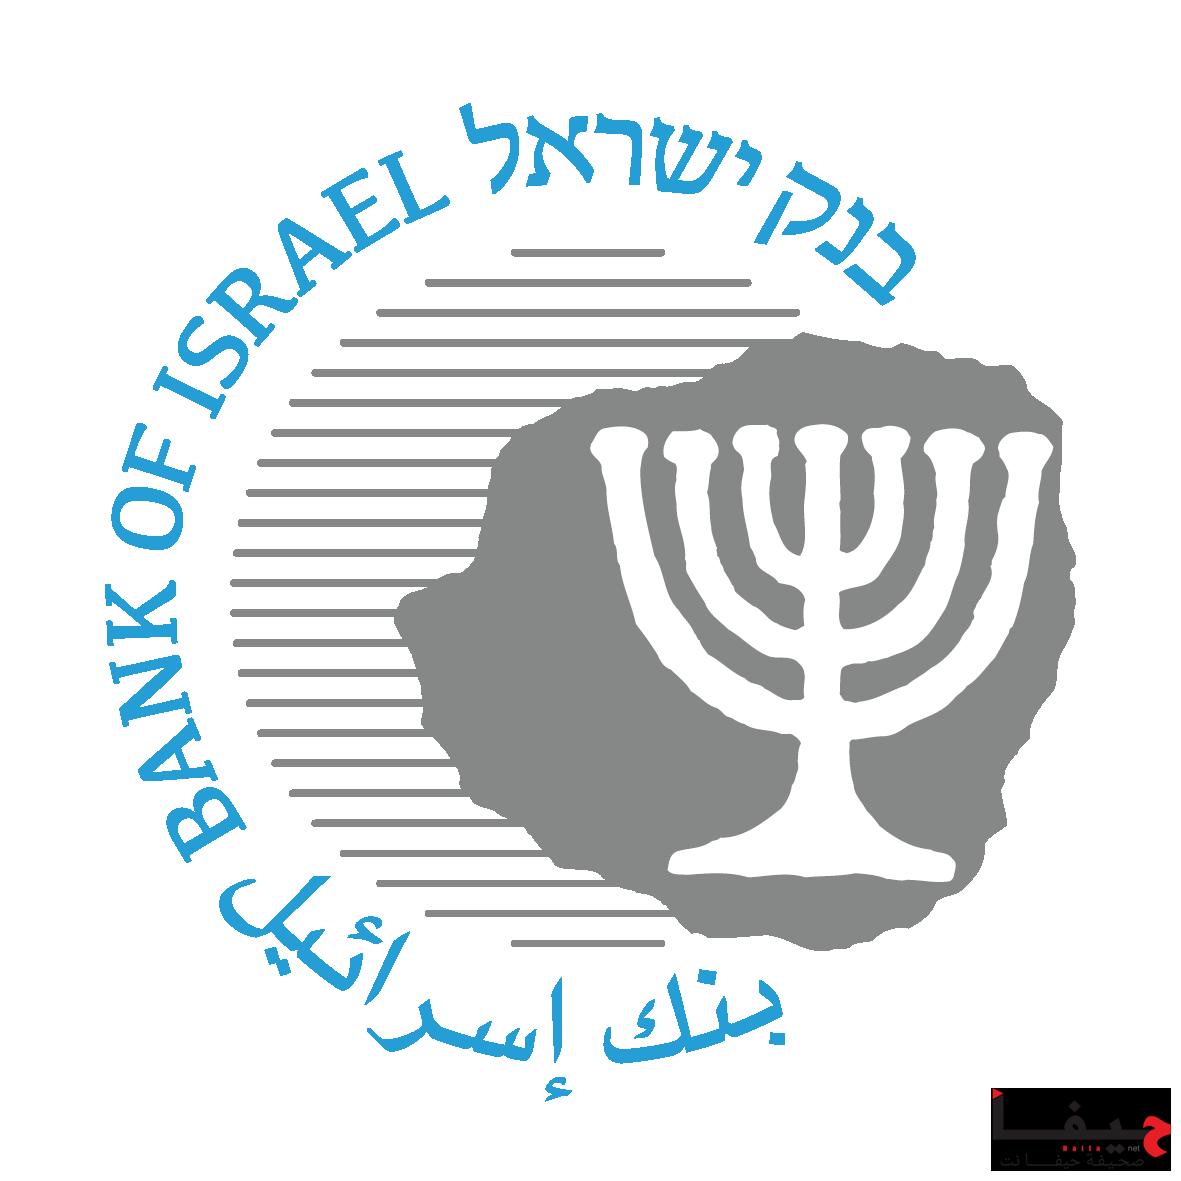 תמונת לוגו באיכות גבוהה (png)